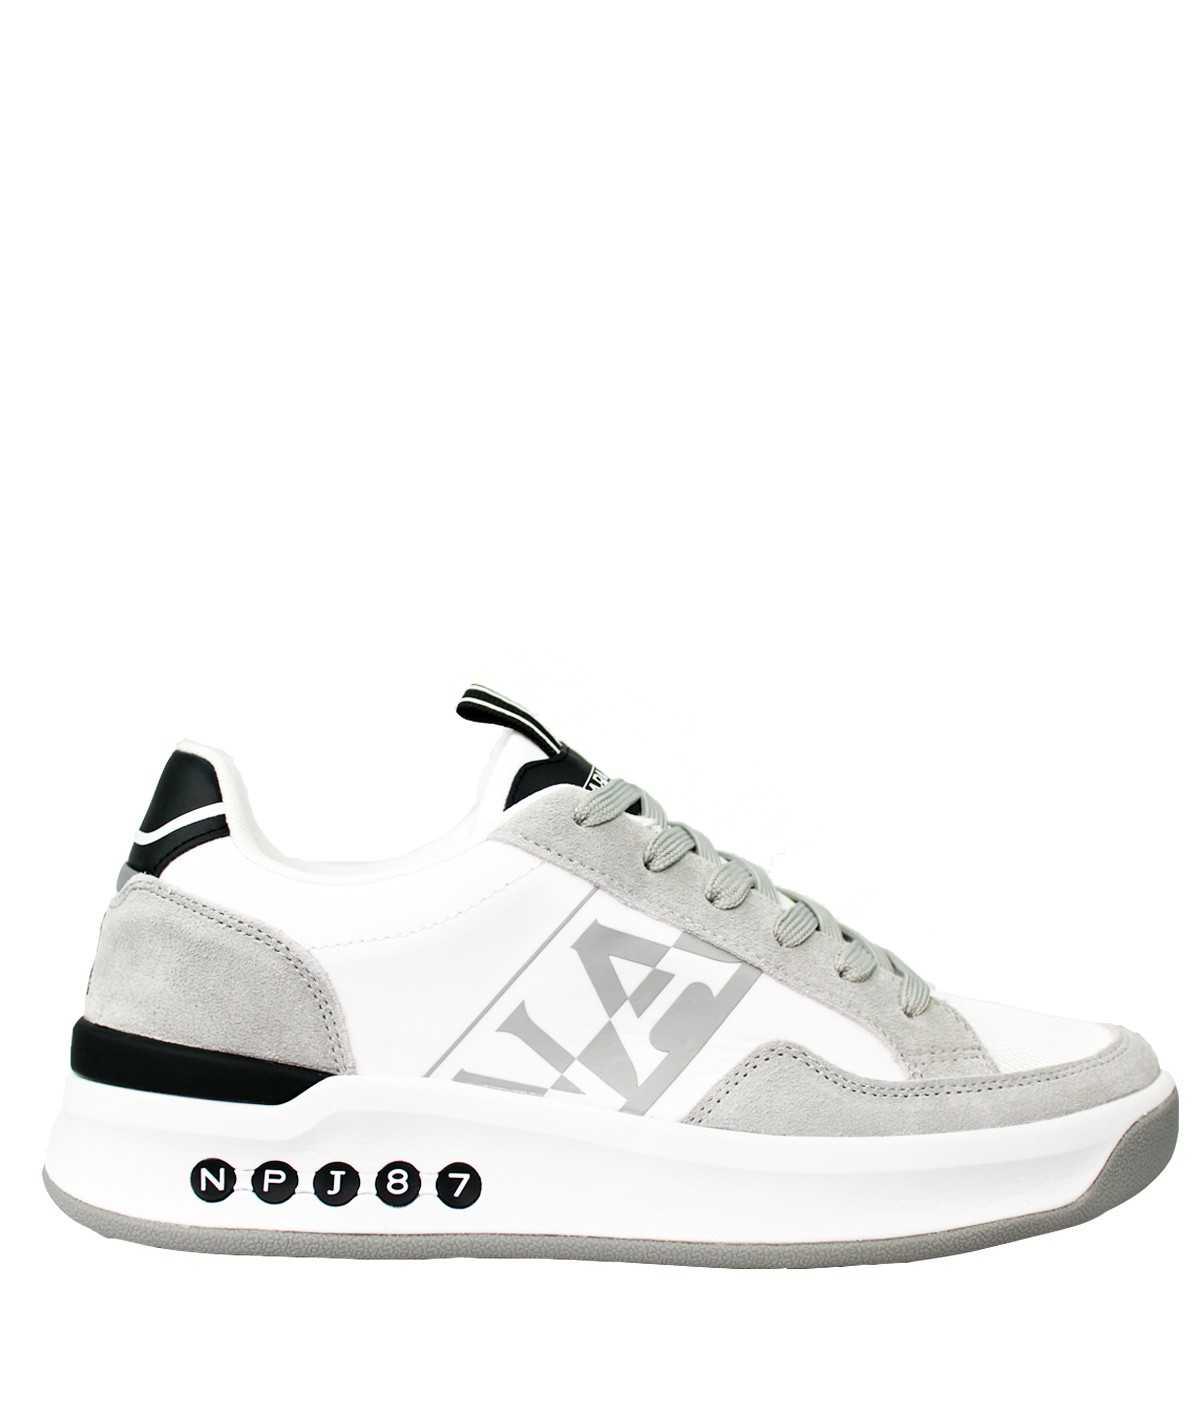 NAPAPIJIRI Sneakers Uomp